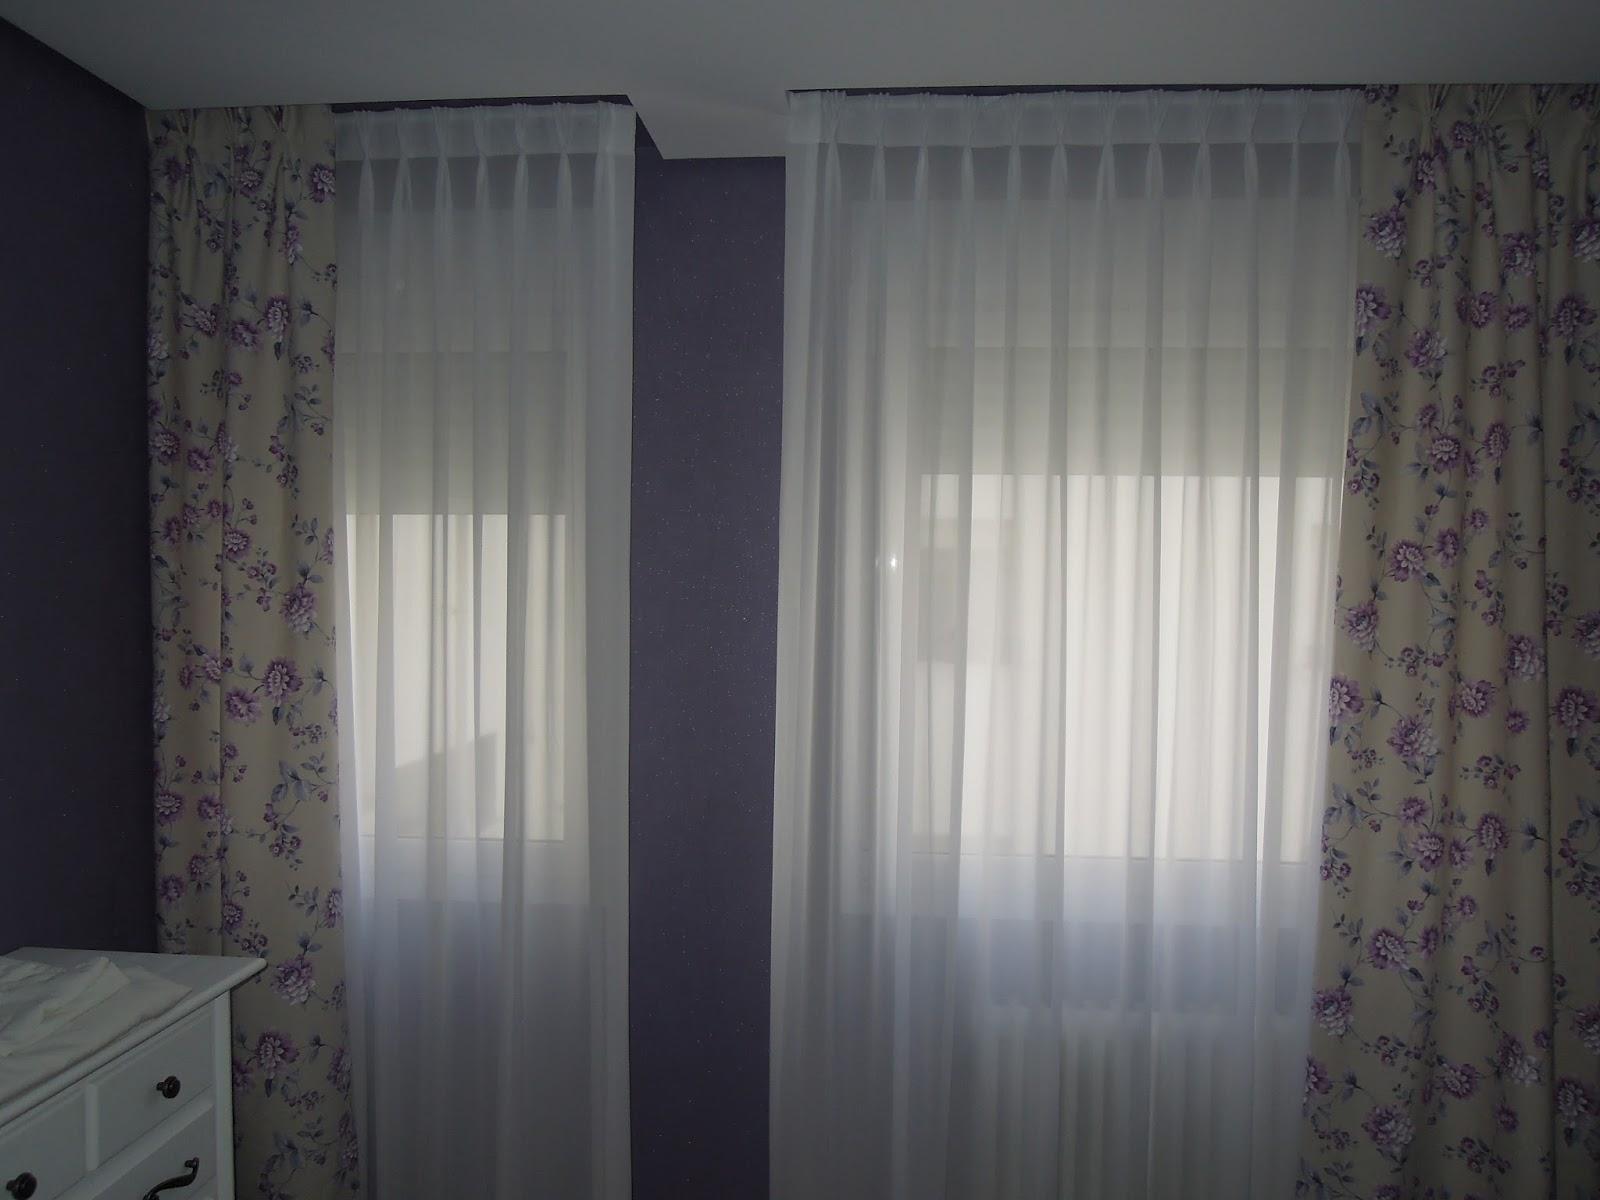 Fotos de cortinas for Como poner ganchos cortinas